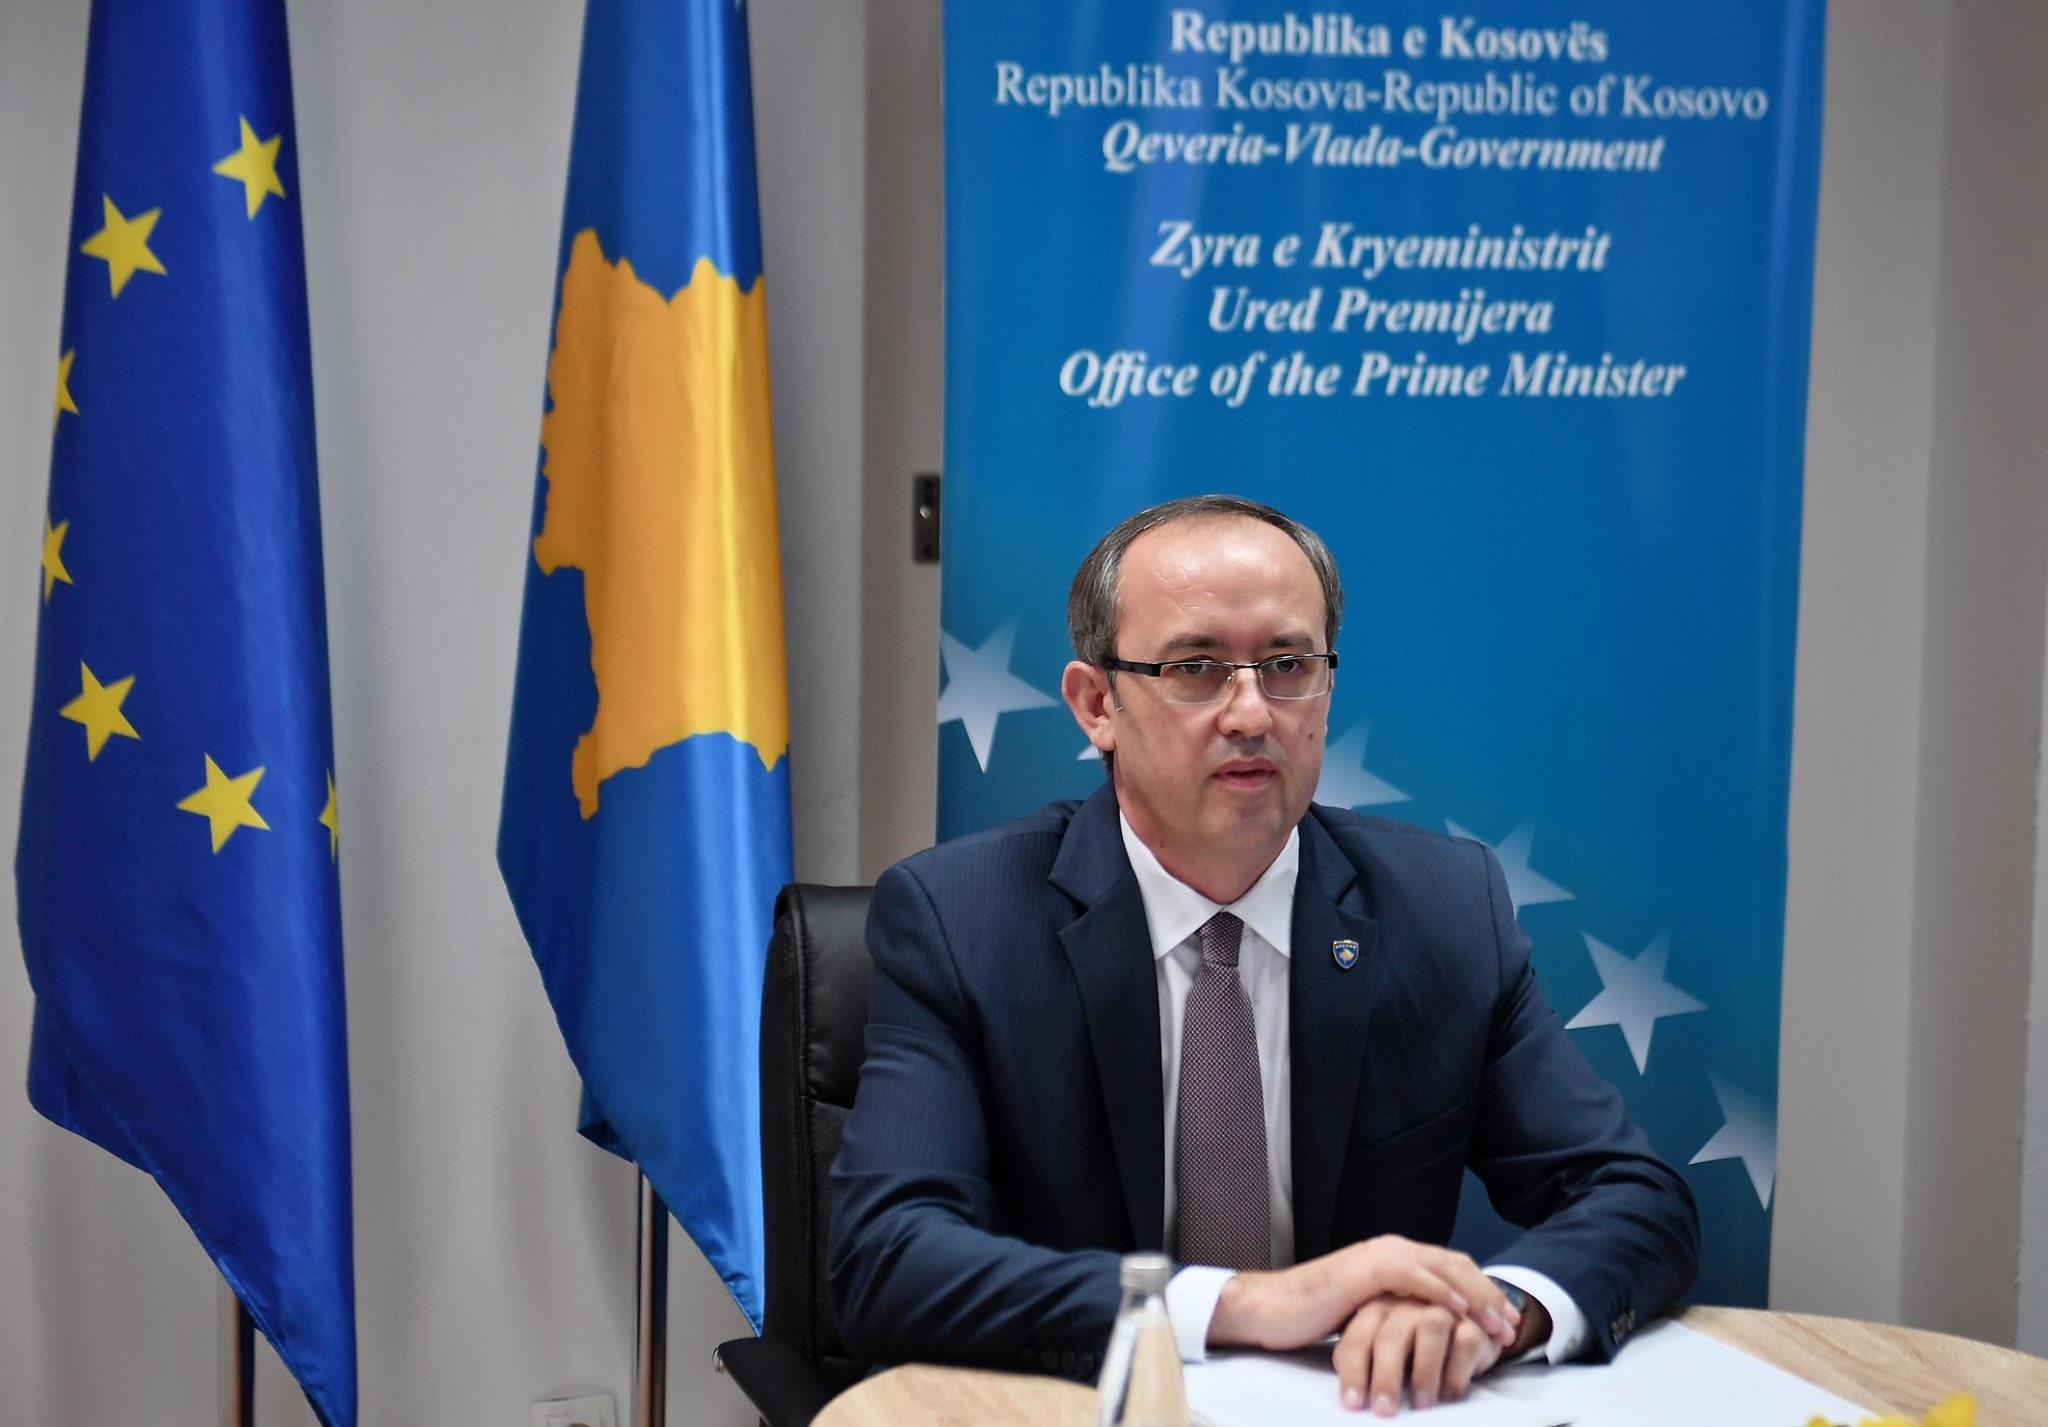 Hoti  kërkesë BE së  Në marrëveshjen me Serbinë  të përfshihet edhe njohja nga pesëshja europiane